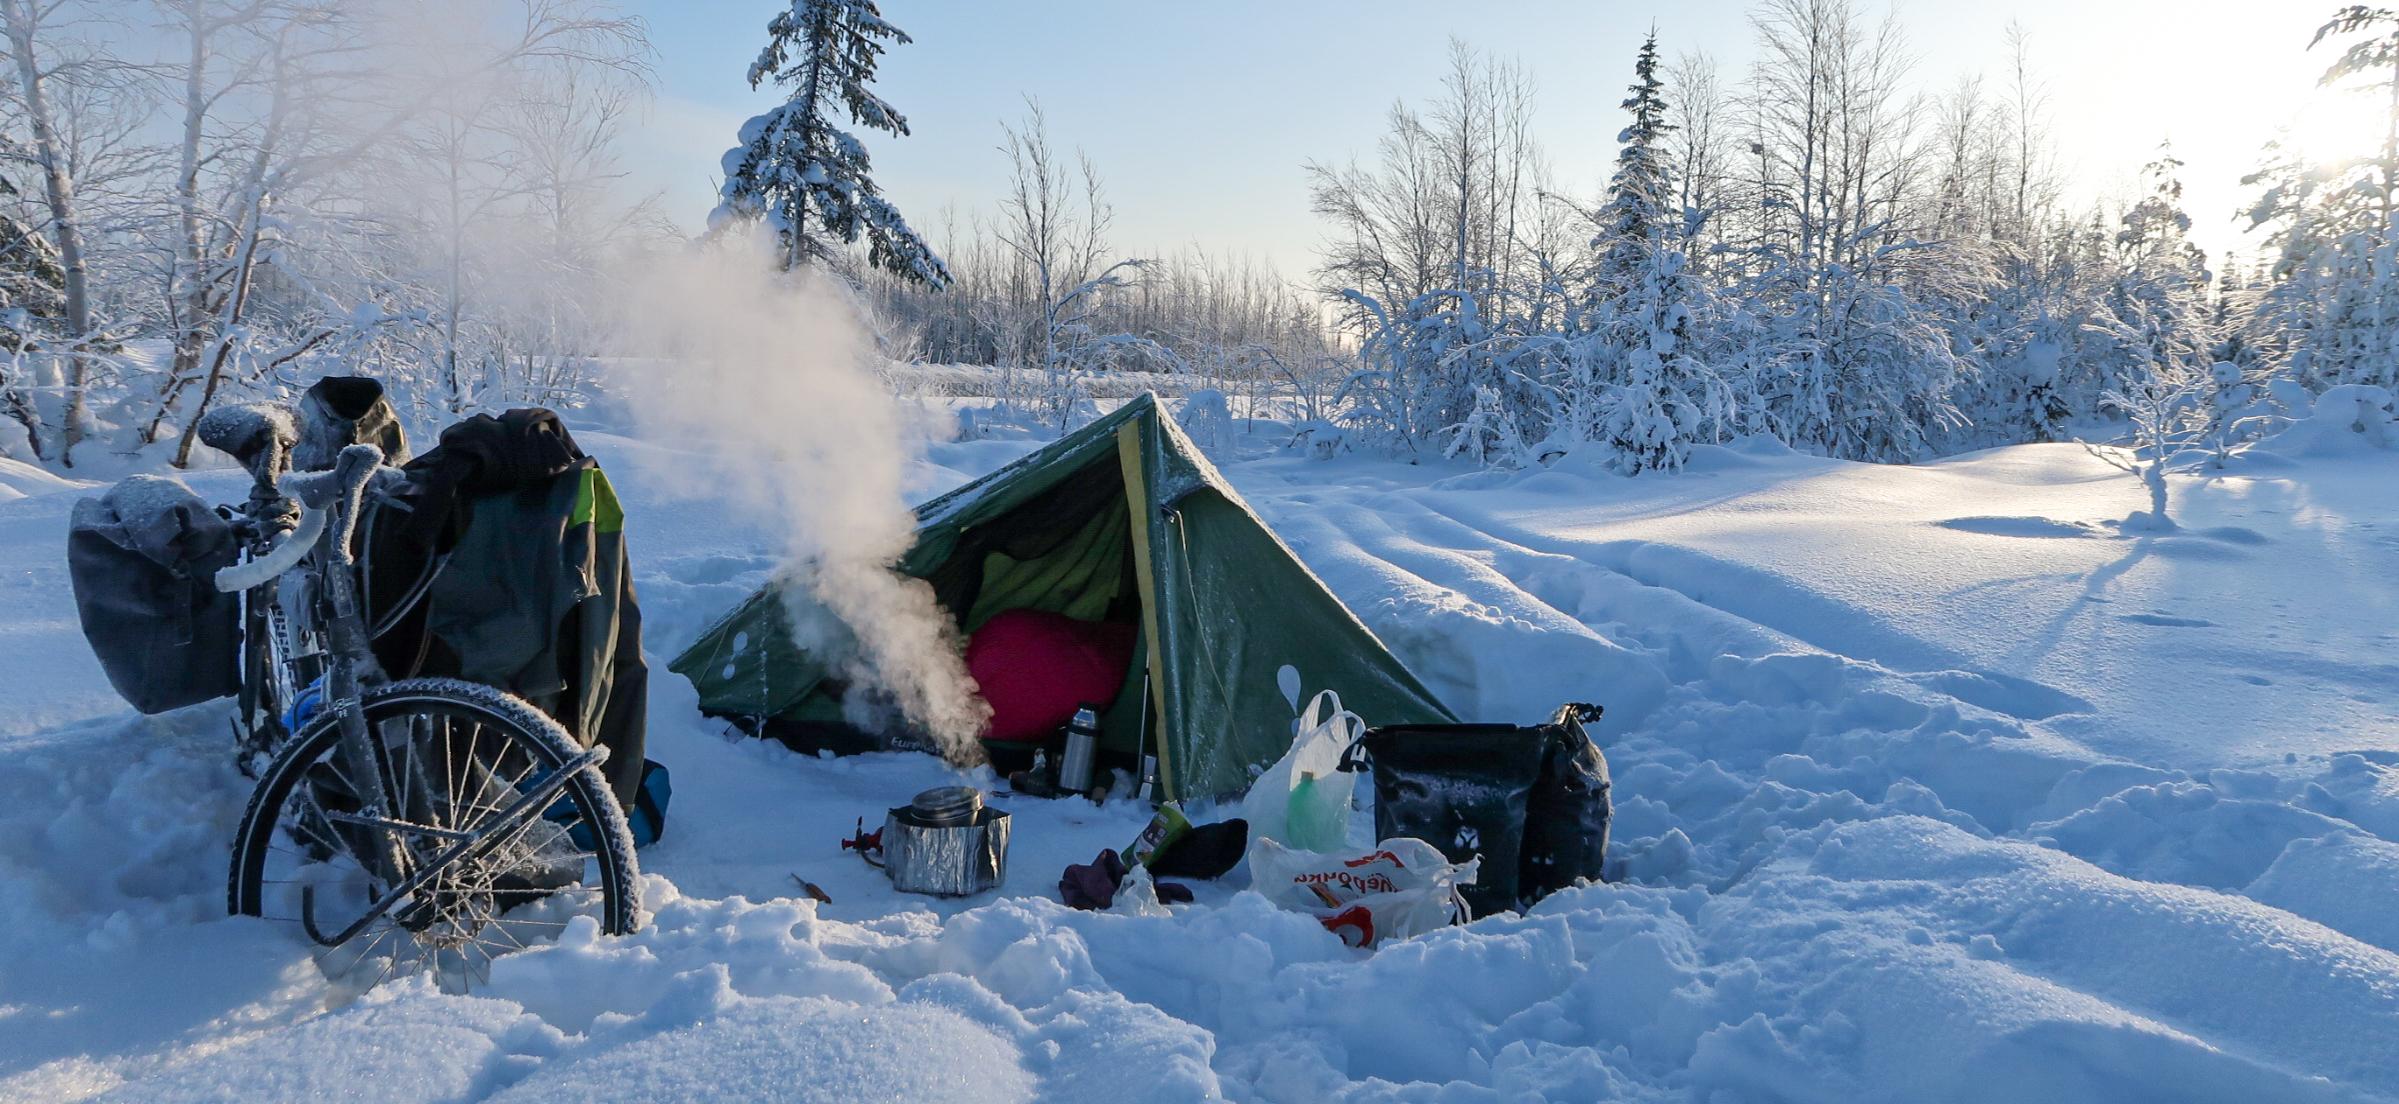 Slapen in een tent in de winter in de kou 8 tips om het